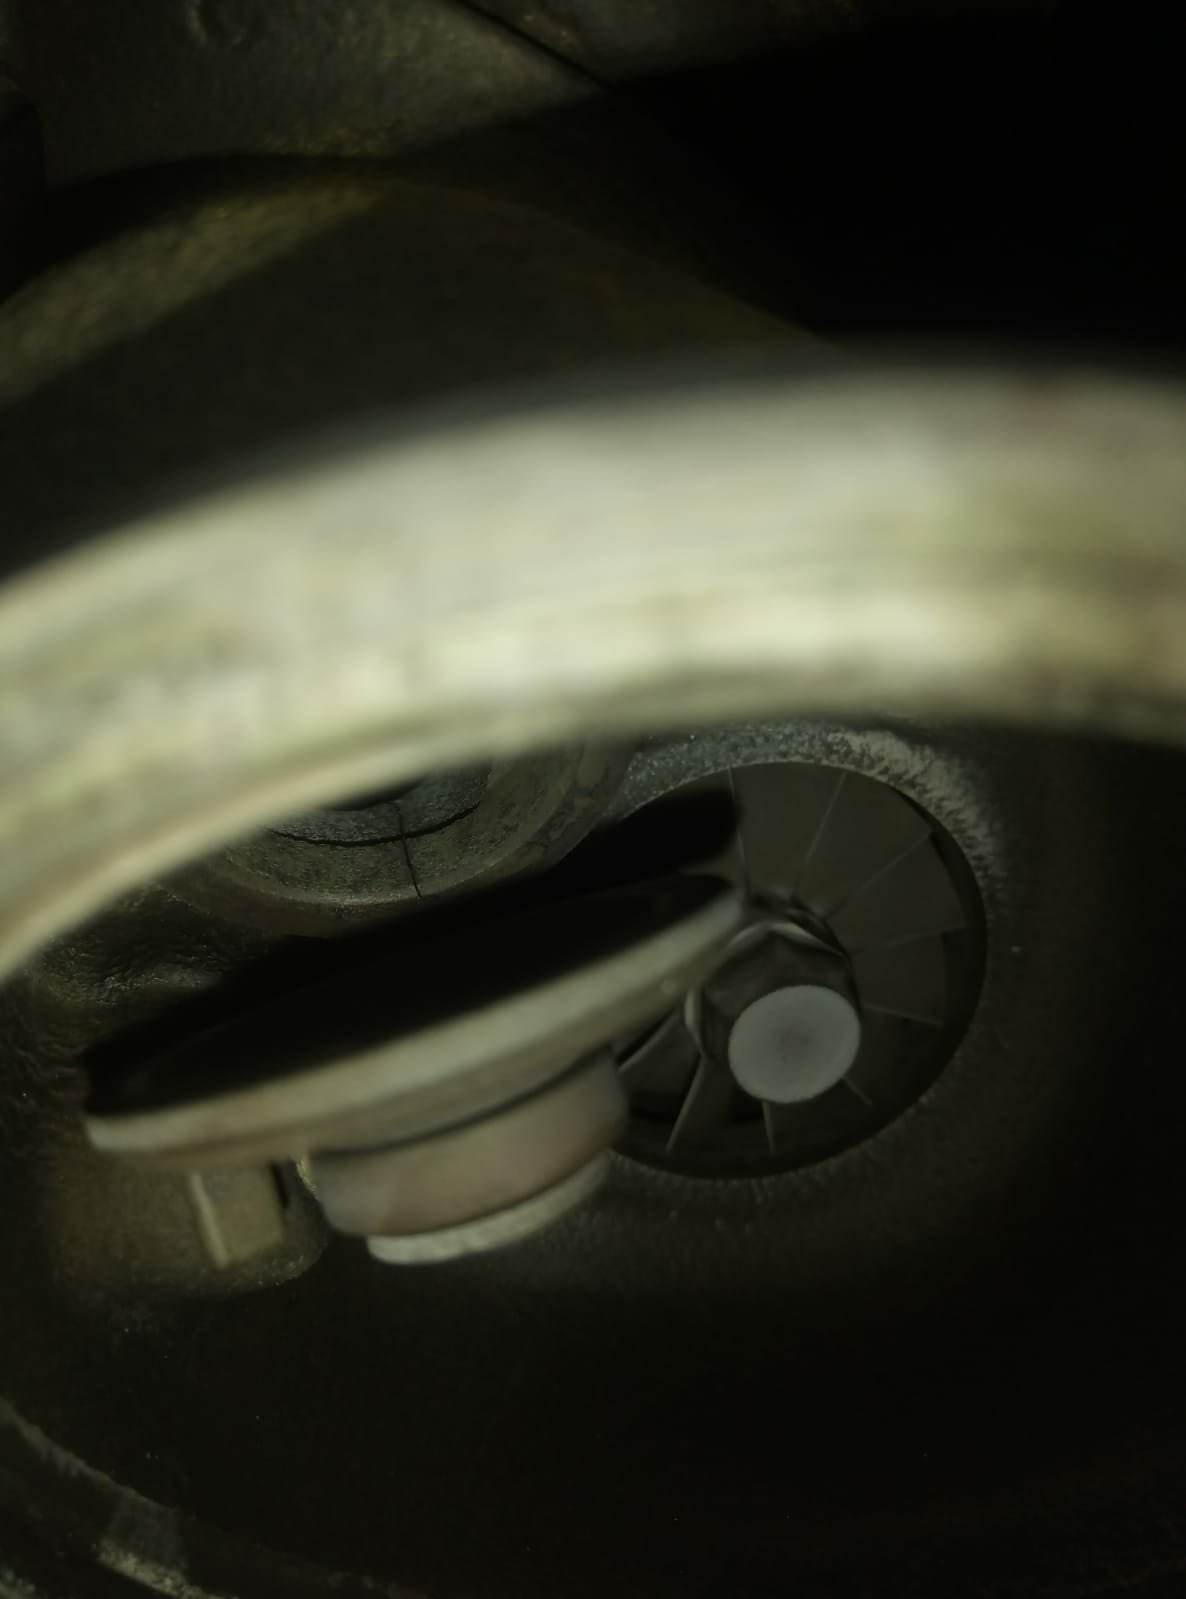 foto Giulietta 1750 TBi 235 CV - Turbo Danneggiato!!! - 1